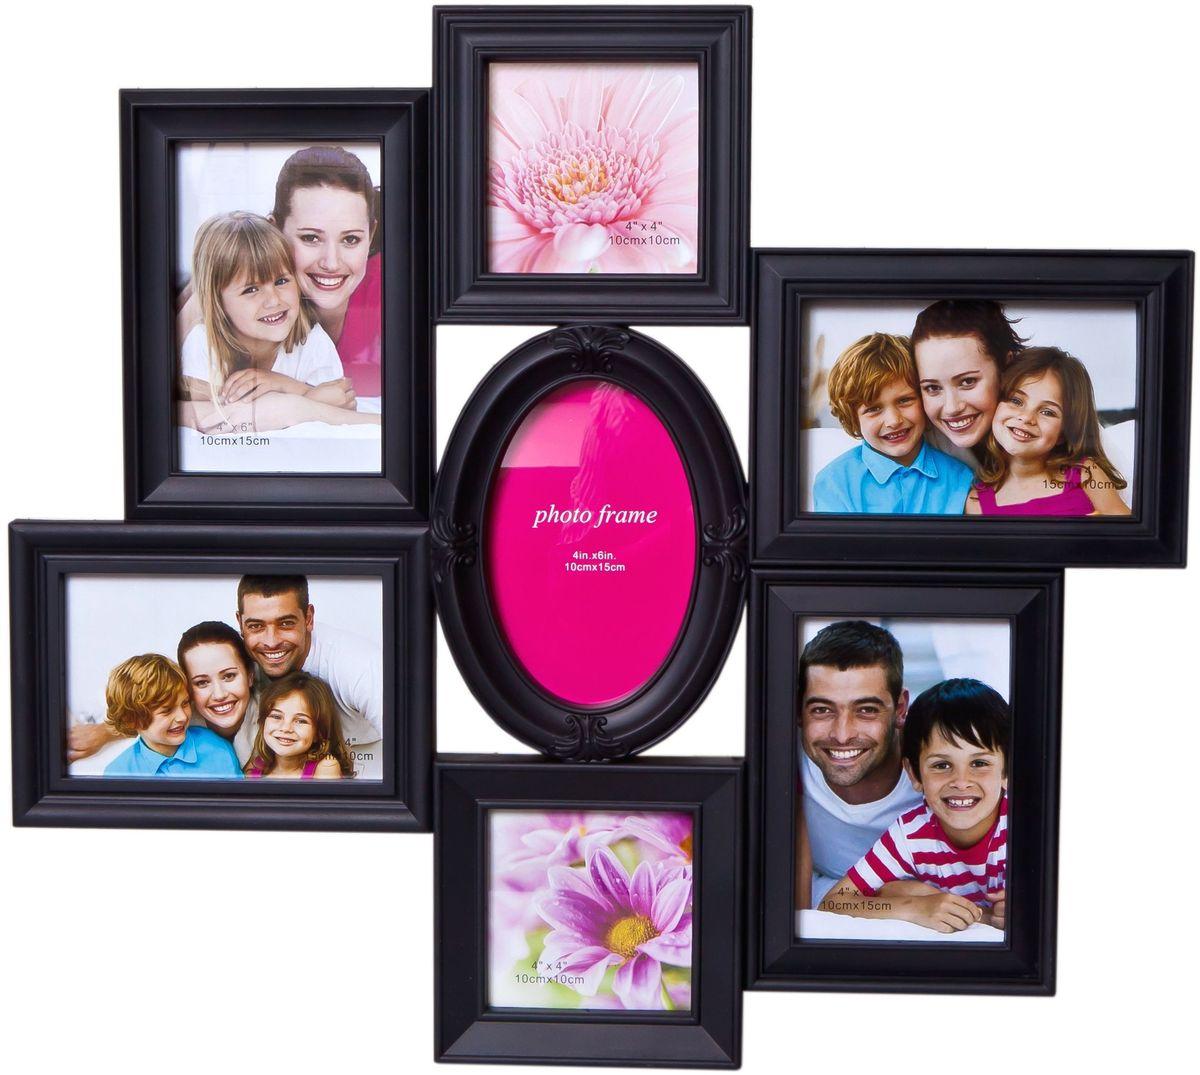 Фоторамка Platinum, цвет: черный, на 7 фото. BH-1313Брелок для ключейФоторамка Platinum - прекрасный способ красиво оформить ваши фотографии. Фоторамка выполнена из пластика и защищена стеклом. Фоторамка-коллаж представляет собой семь фоторамок для фото разного размера оригинально соединенных между собой. Такая фоторамка поможет сохранить в памяти самые яркие моменты вашей жизни, а стильный дизайн сделает ее прекрасным дополнением интерьера комнаты.Фоторамка подходит для фото следующих размеров: 2 фото 10 х 10 см и 5 фото 10 х 15 см.Общий размер фоторамки: 50 х 45 см.